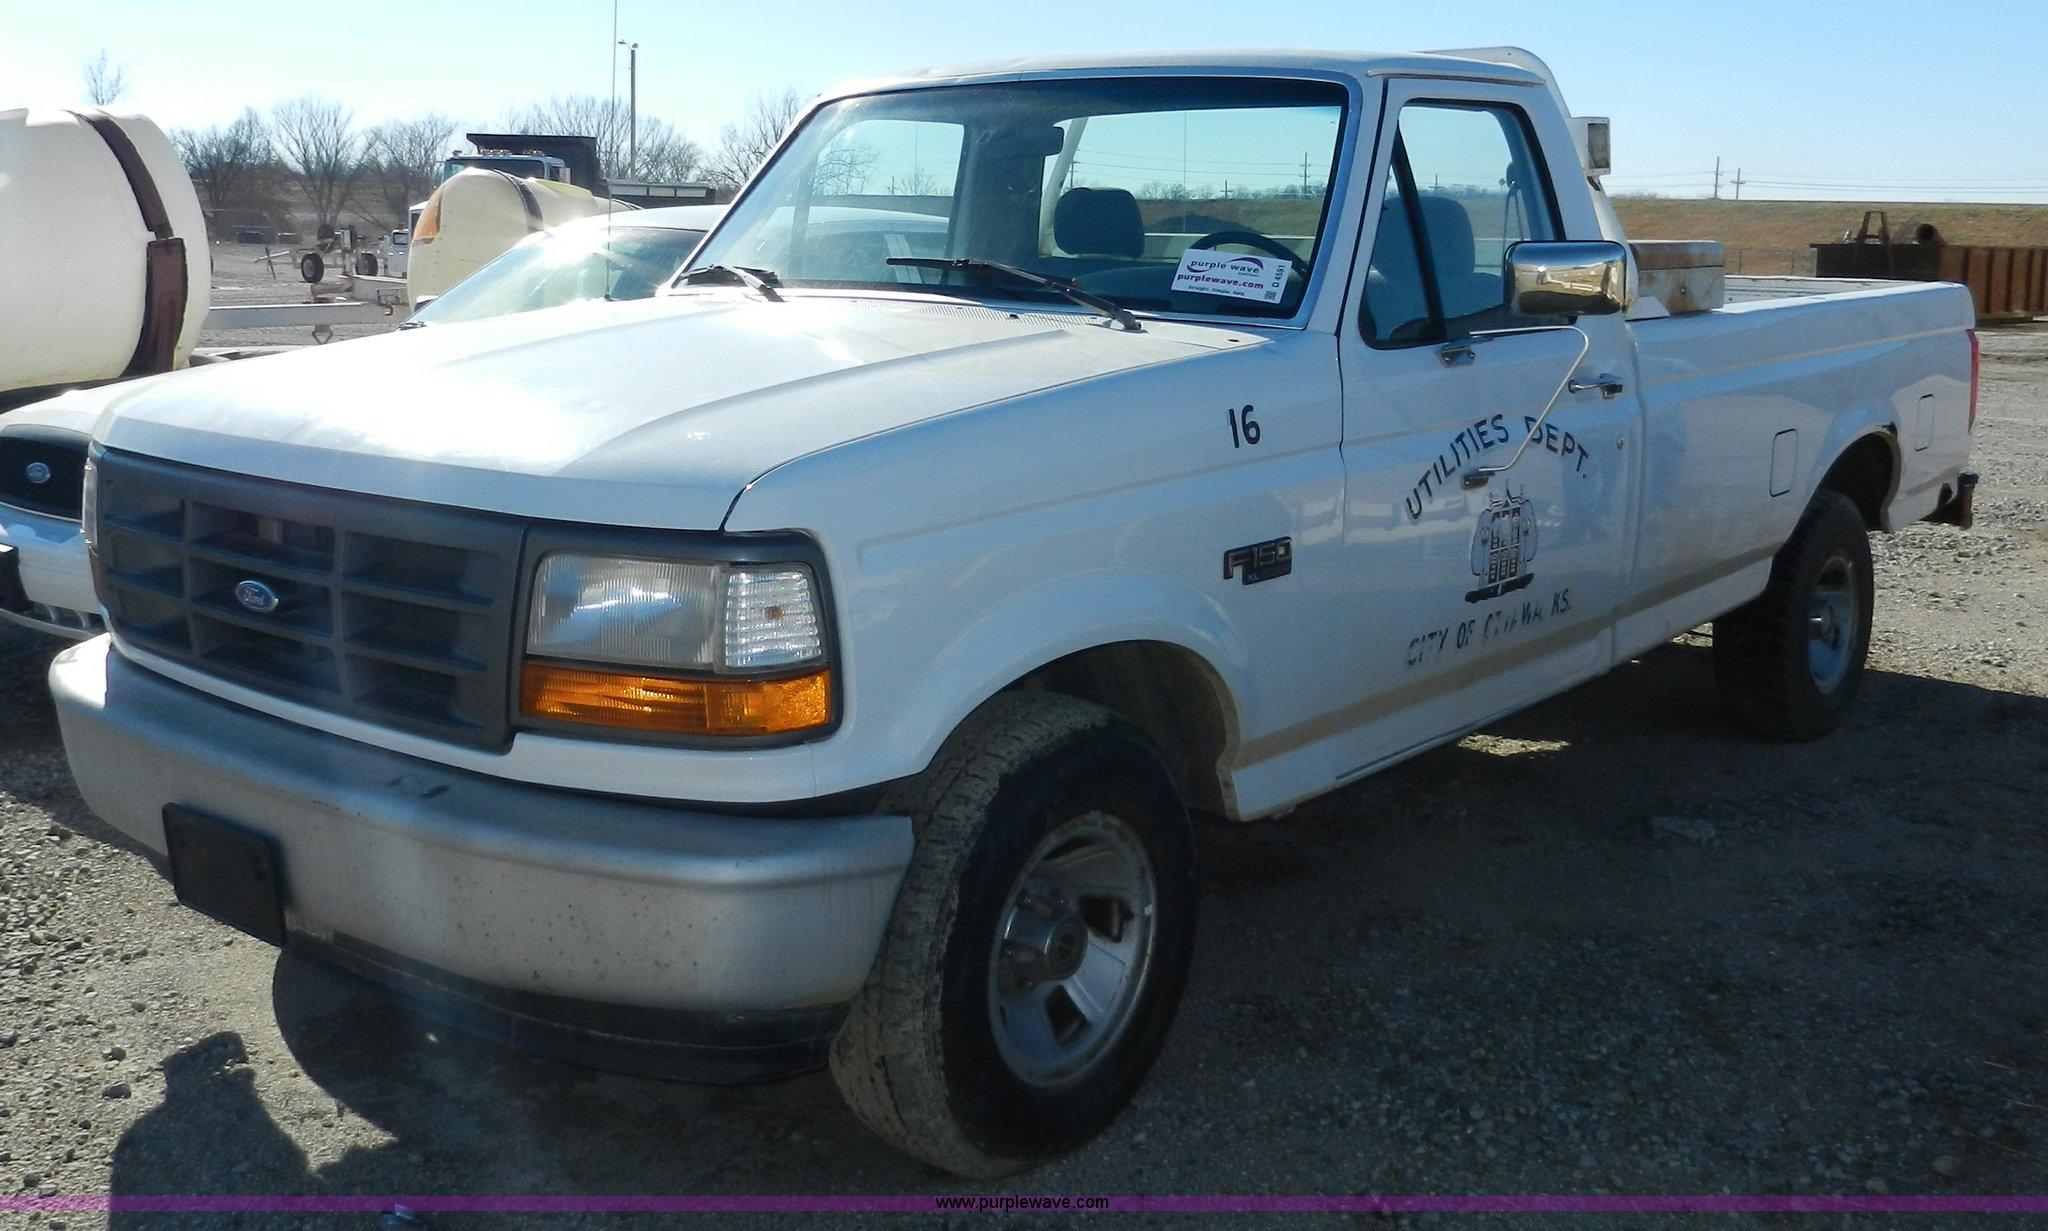 1995 ford f150 xl pickup truck item d4591 sold. Black Bedroom Furniture Sets. Home Design Ideas